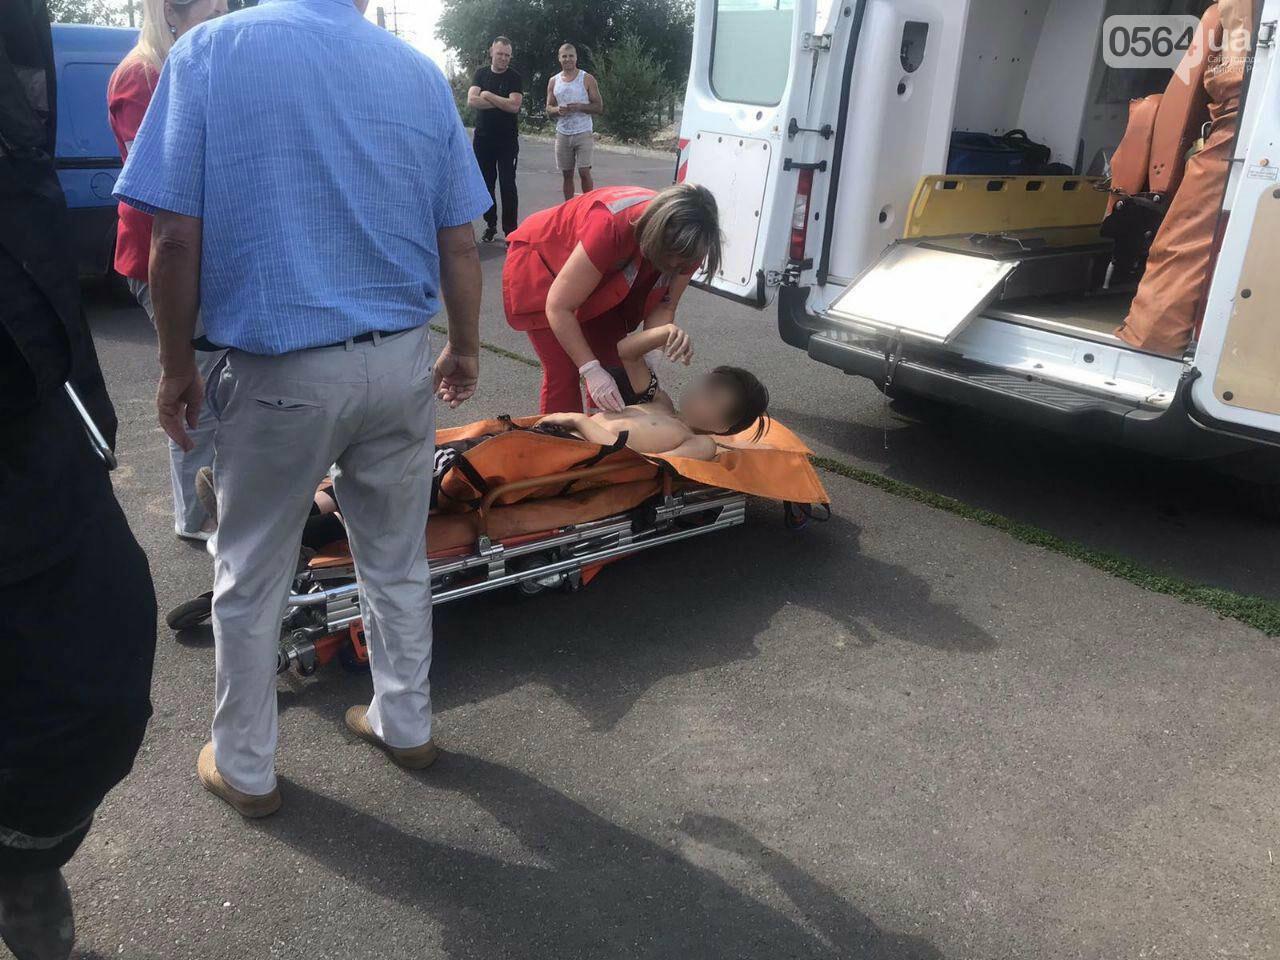 В Кривом Роге пьяный подросток без помощи спасателей не мог спуститься с трубы под мостом, - ФОТО , фото-4